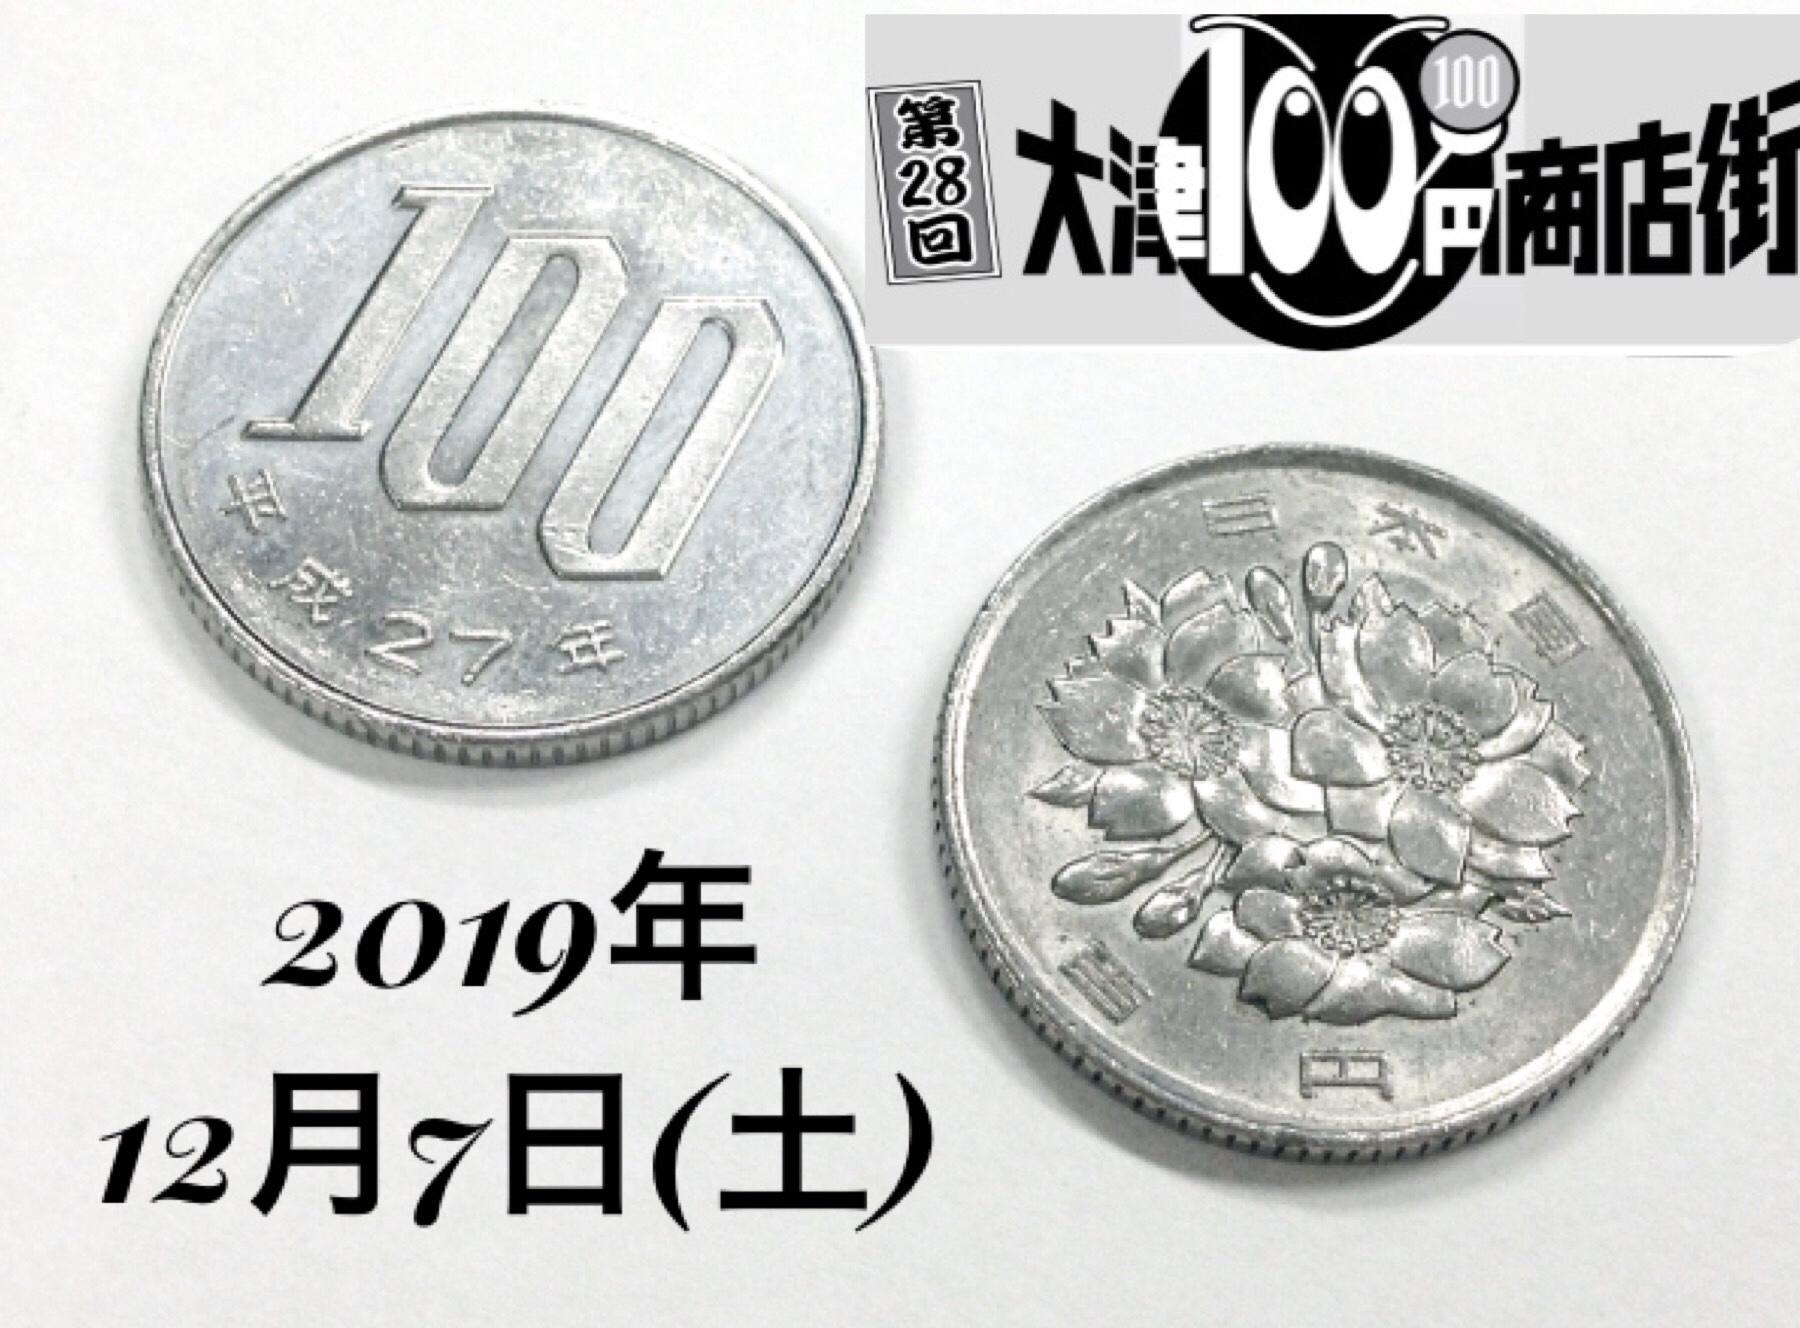 【12/7(土)】あれもこれも100円!『第28回 大津100円商店街』が大津市中心市街地商店街一帯で開催されます。